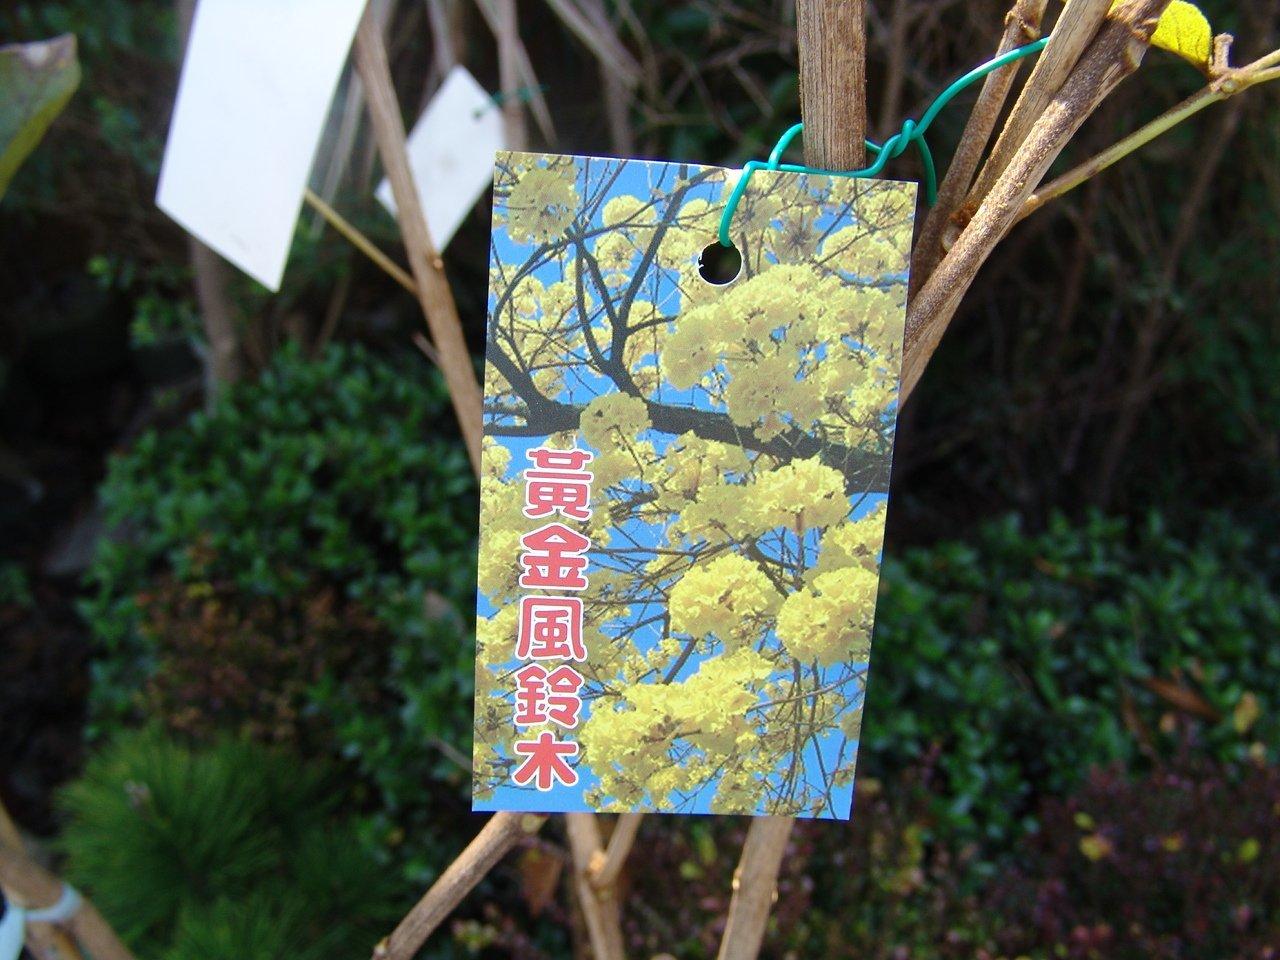 ╭*田尾玫瑰園*╯庭園用樹-(黃金風鈴木)非黃花風鈴木